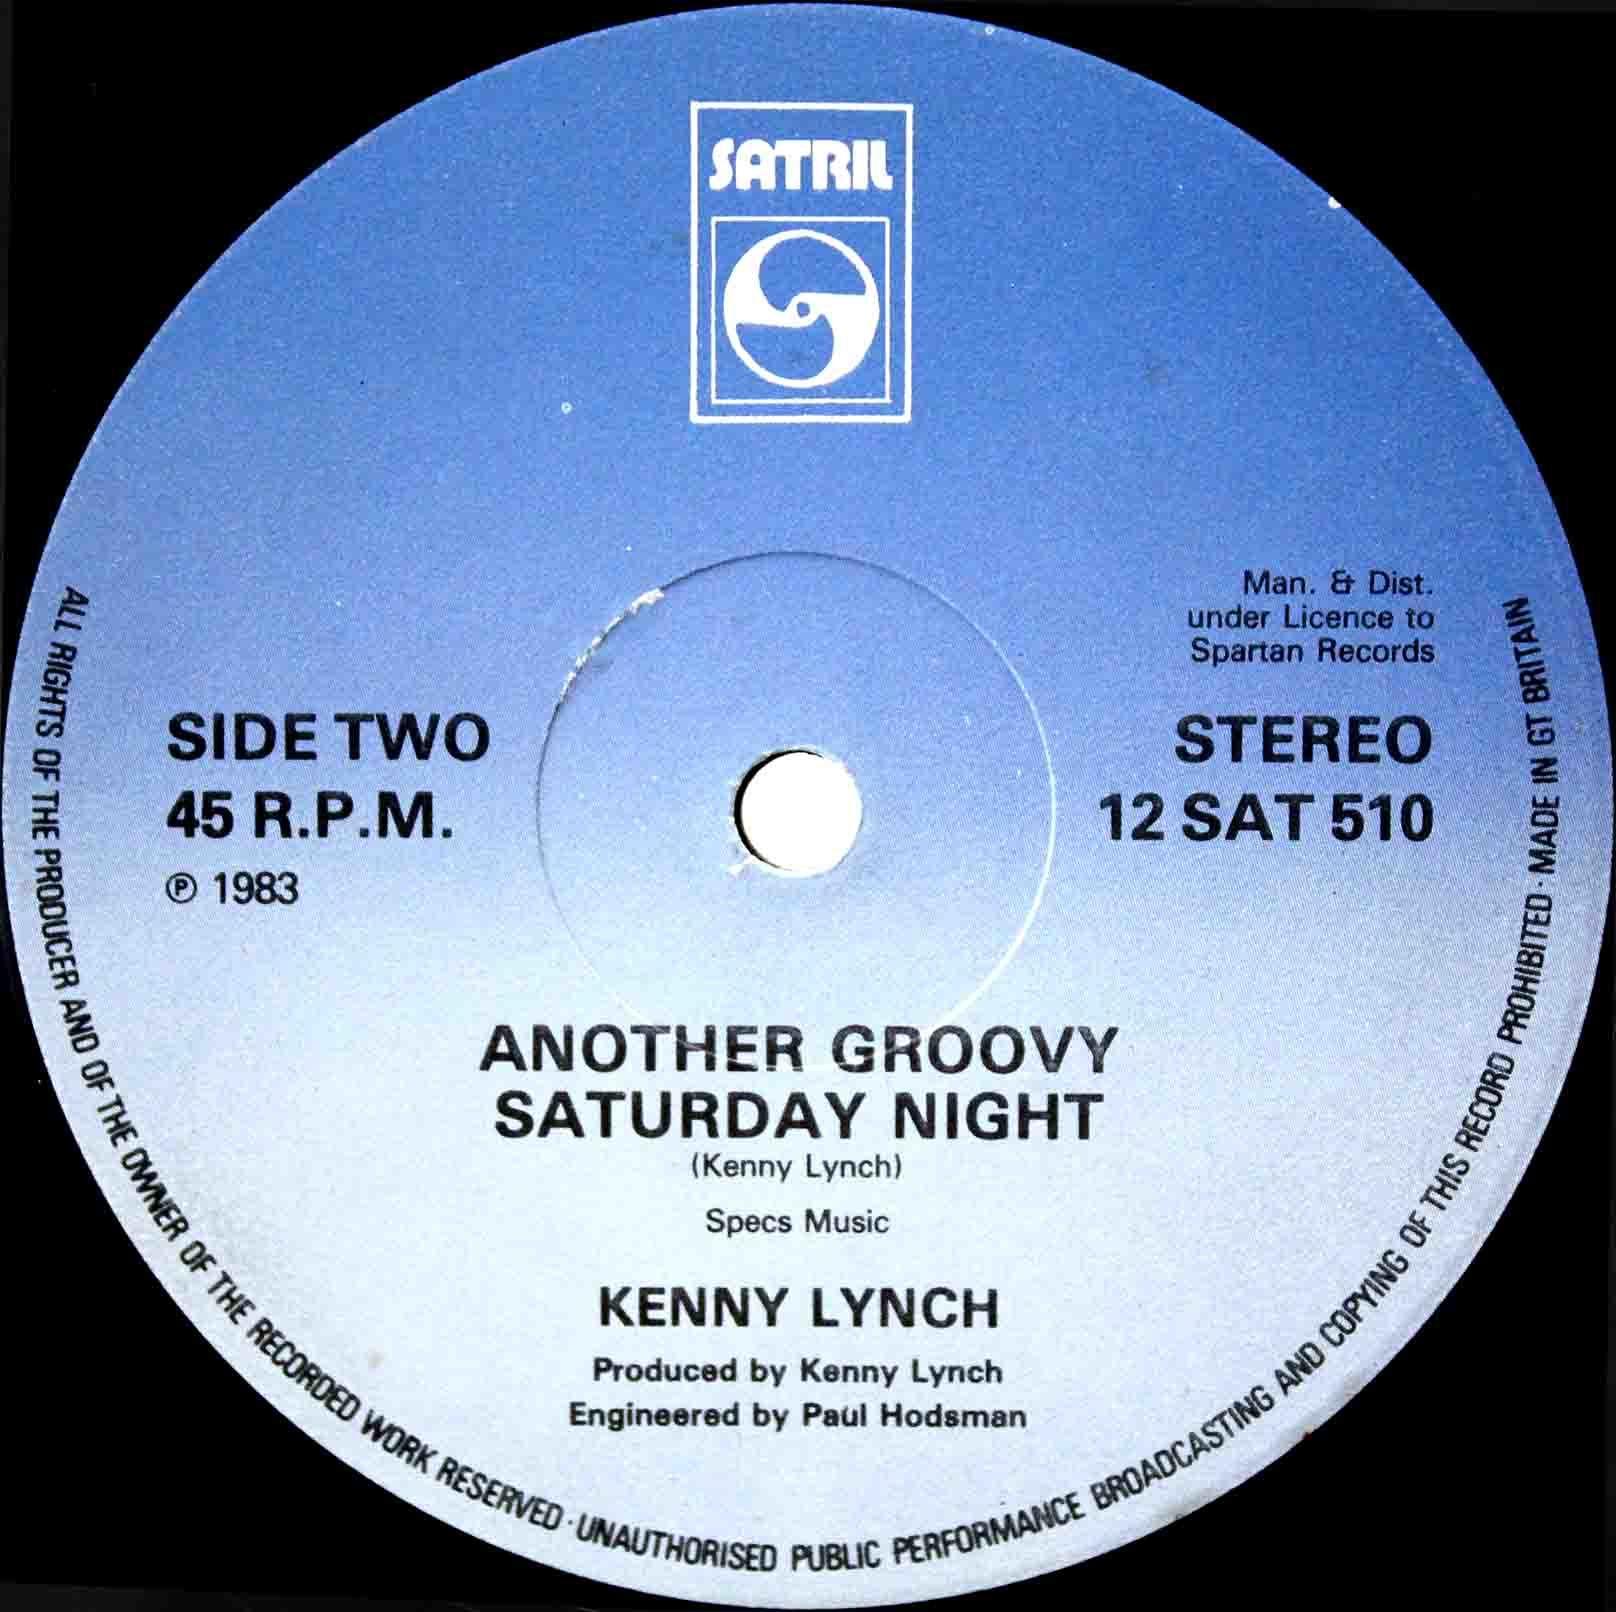 Kenny Lynch – Half The Days Gone 03